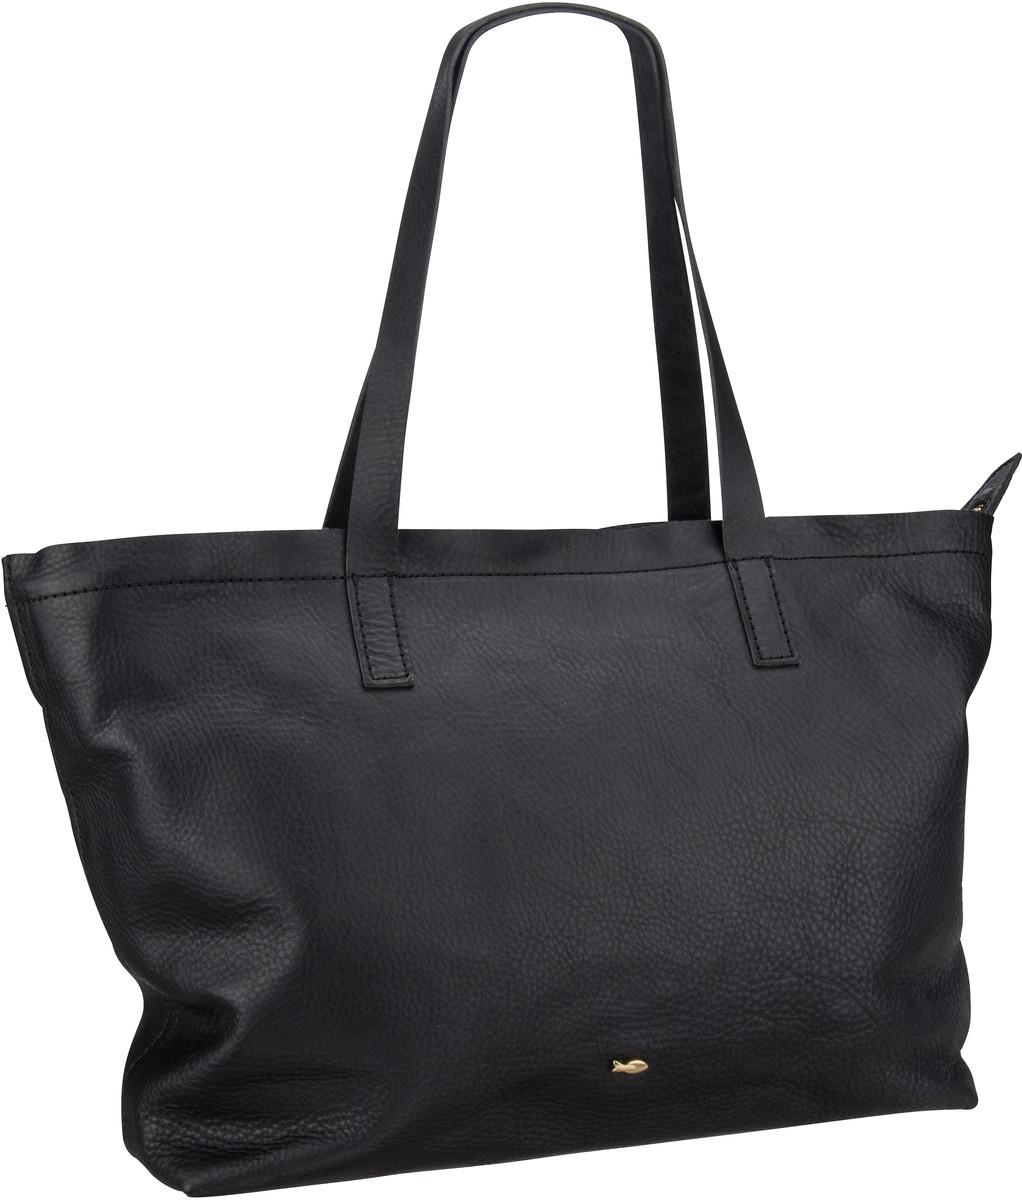 Handtasche Biotite C10190 Nero